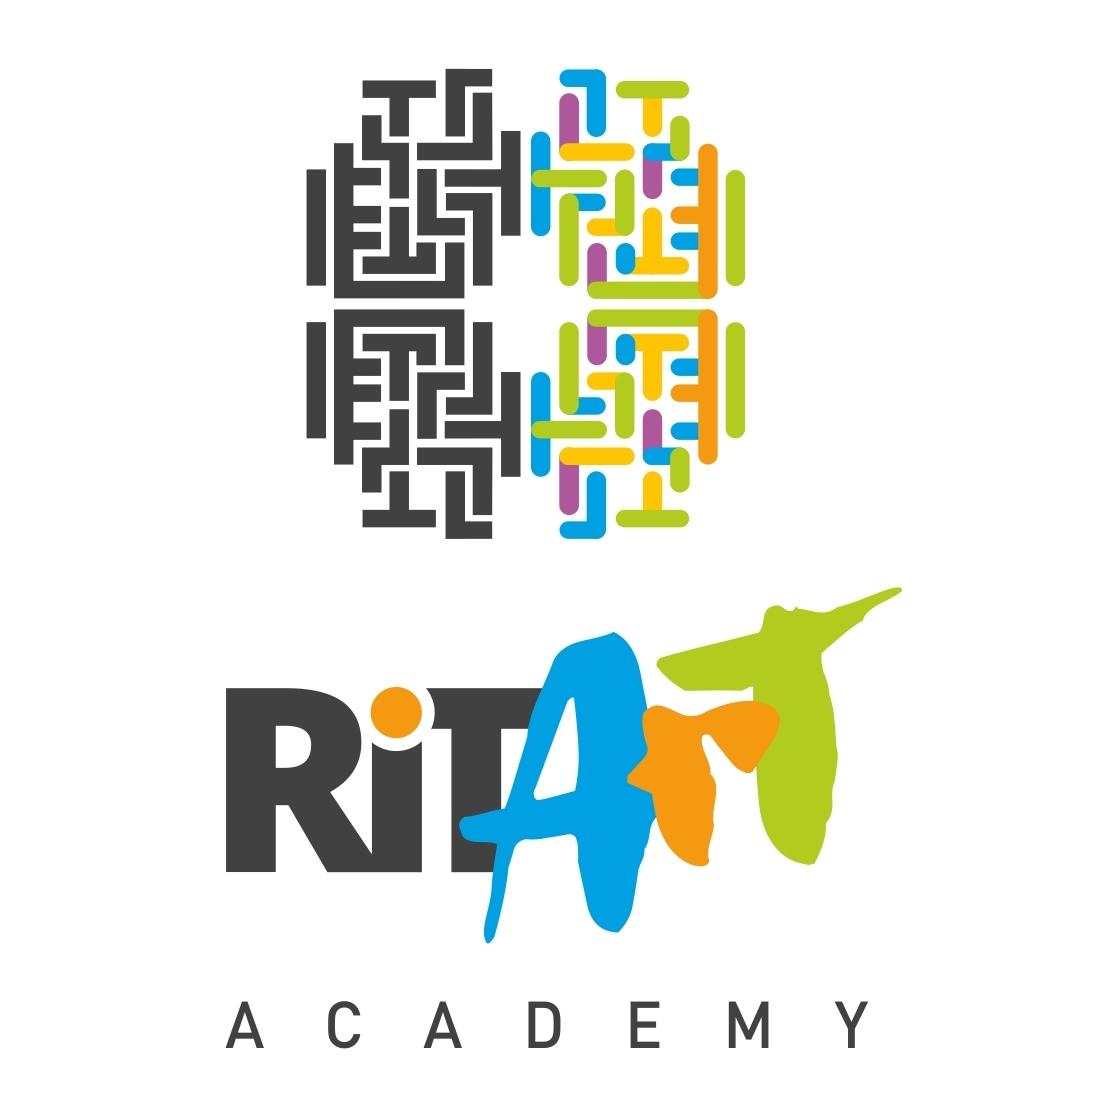 A két agyfélteke a RItArt logóban